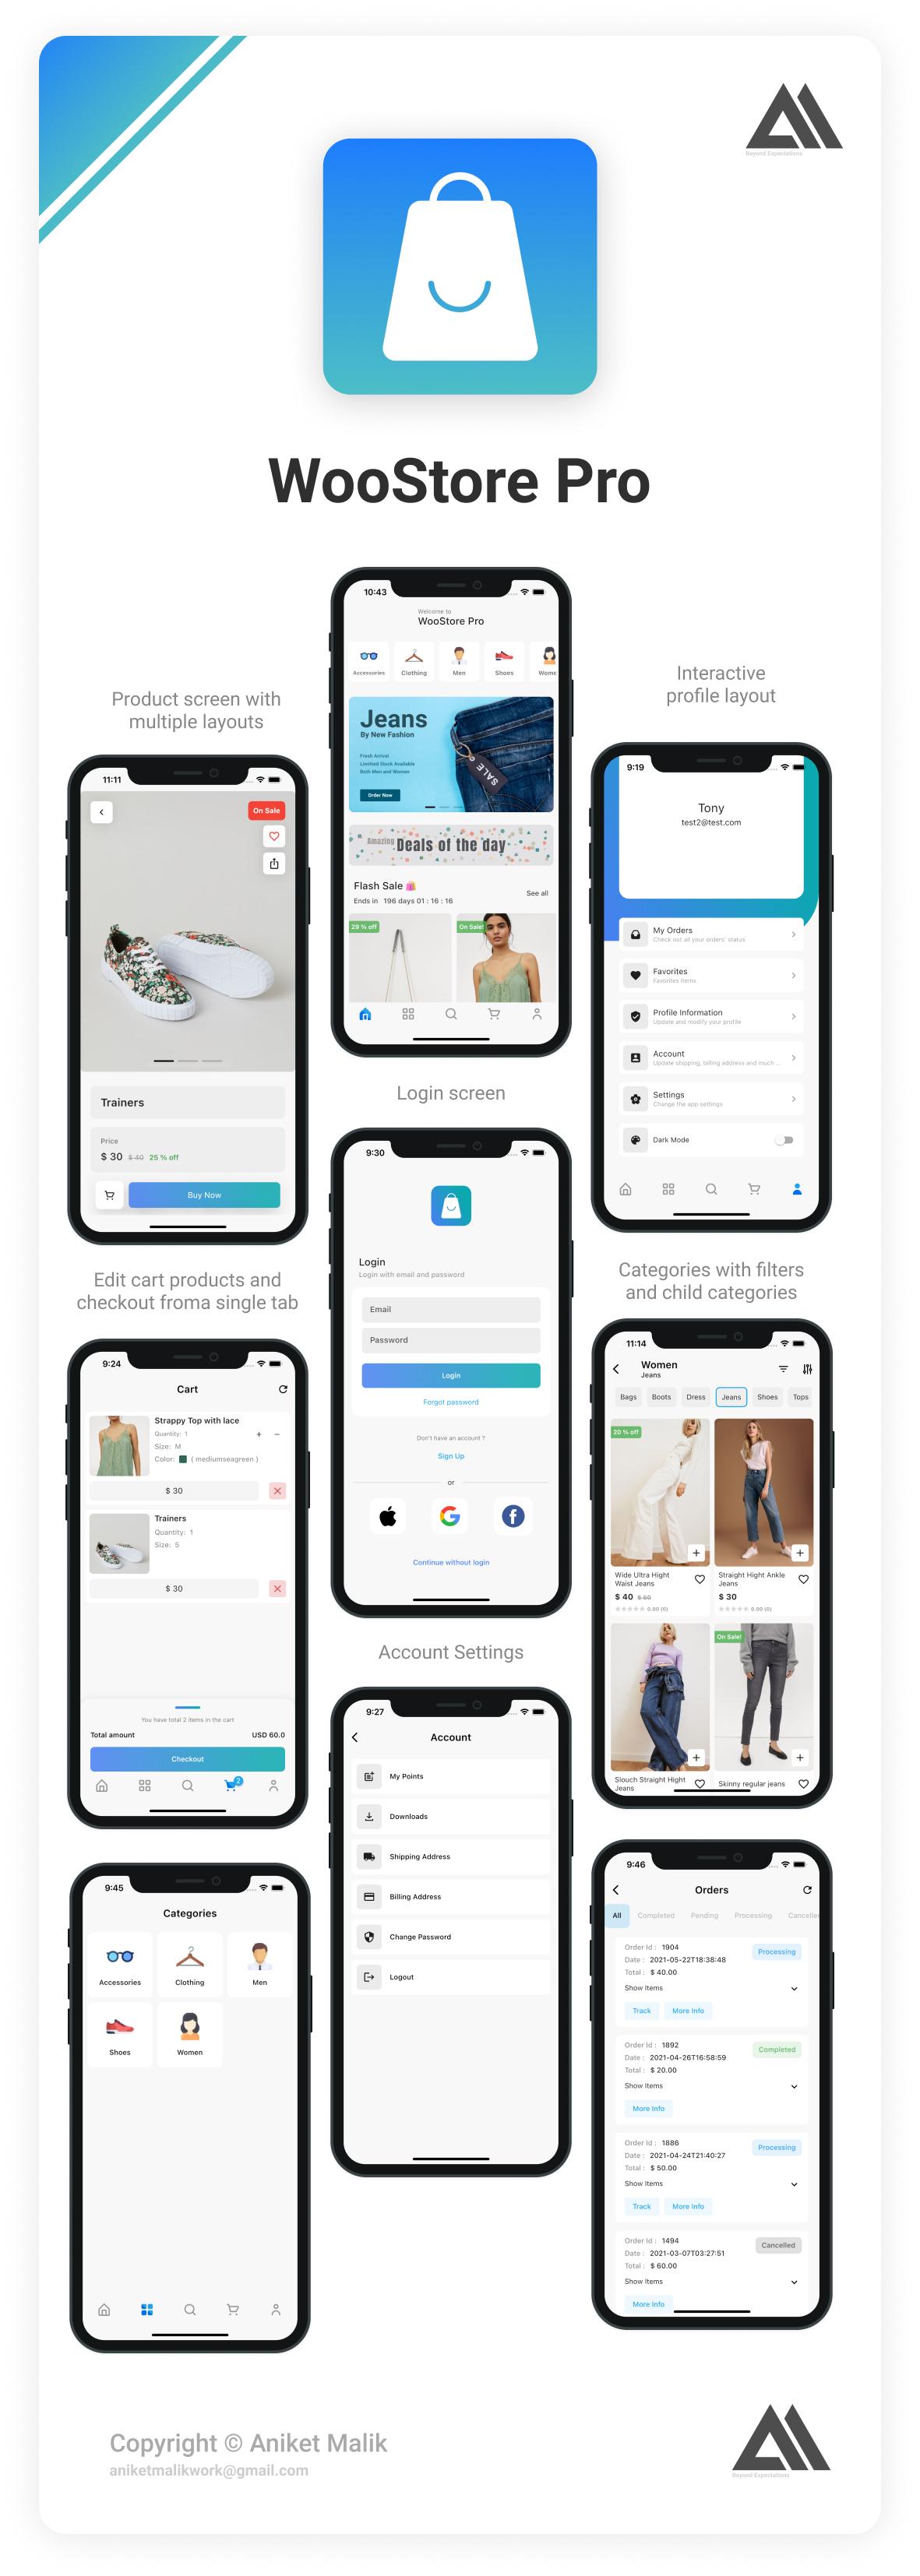 WooStore Pro WooCommerce v1.14.0 Full Flutter E-Commerce App